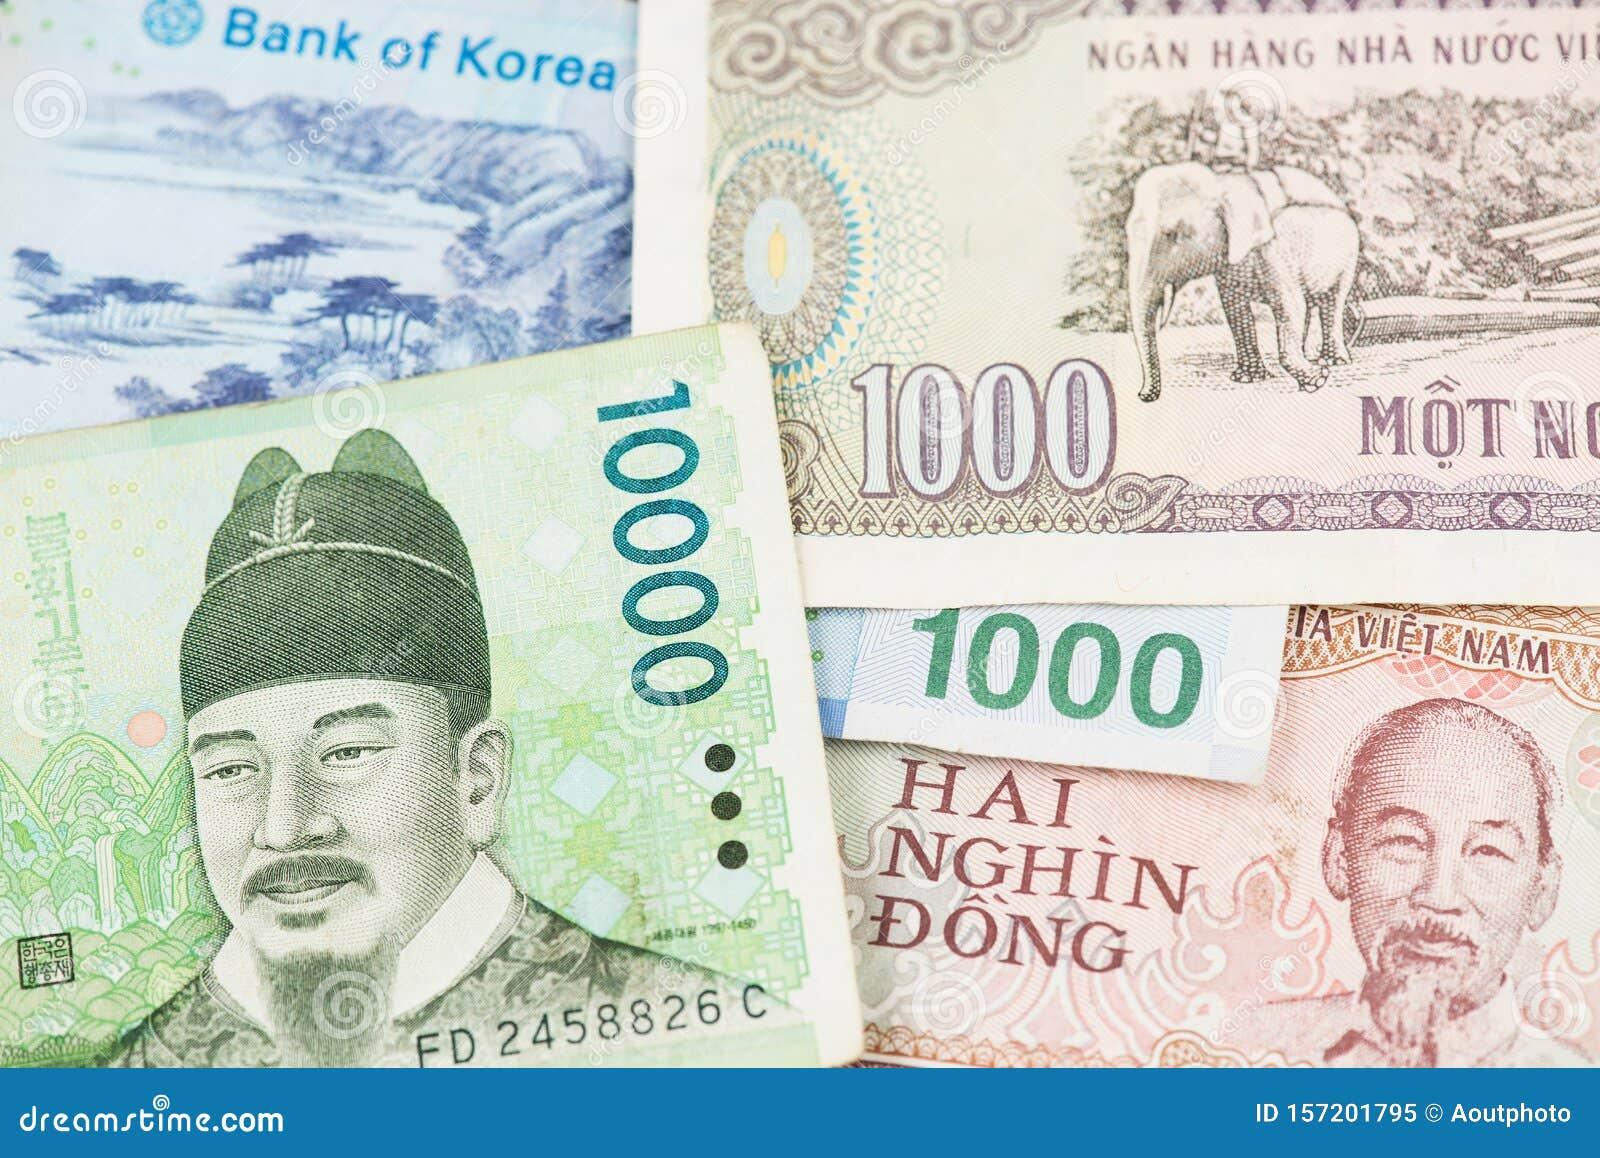 Vietnam Paper Money Vietnam Currency 10 Pcs 1000 Vietnamese Dong Each